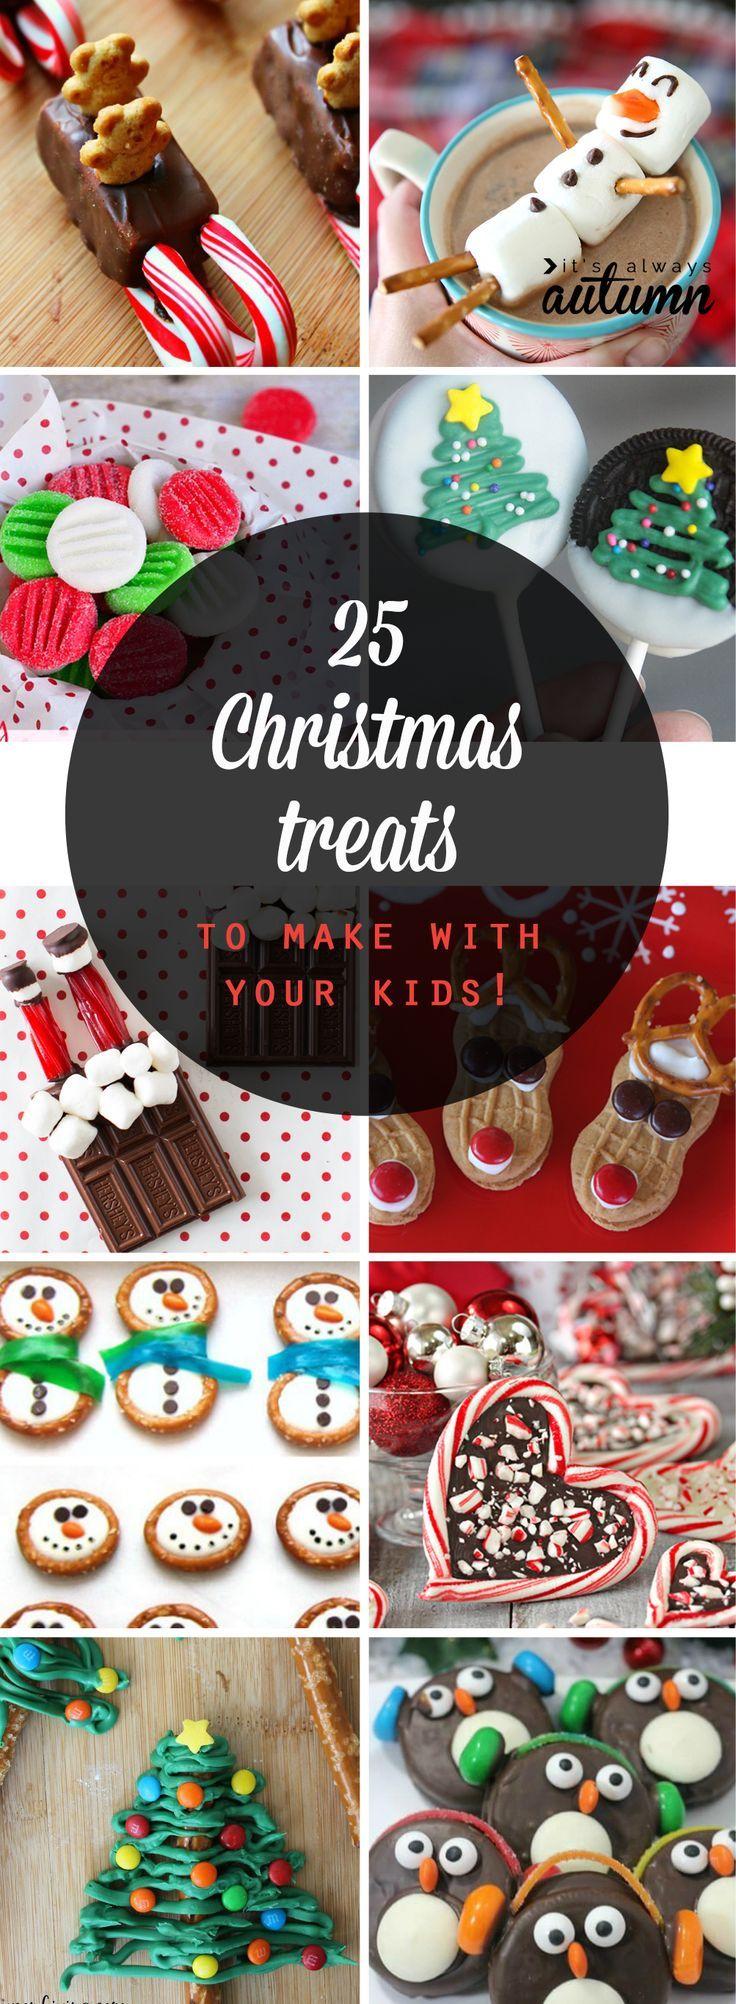 25 lustige Weihnachtsgeschenke für Ihre Kinder! Einfache Weihnachts- und Feiertagsbonbons ... #holidaytreats